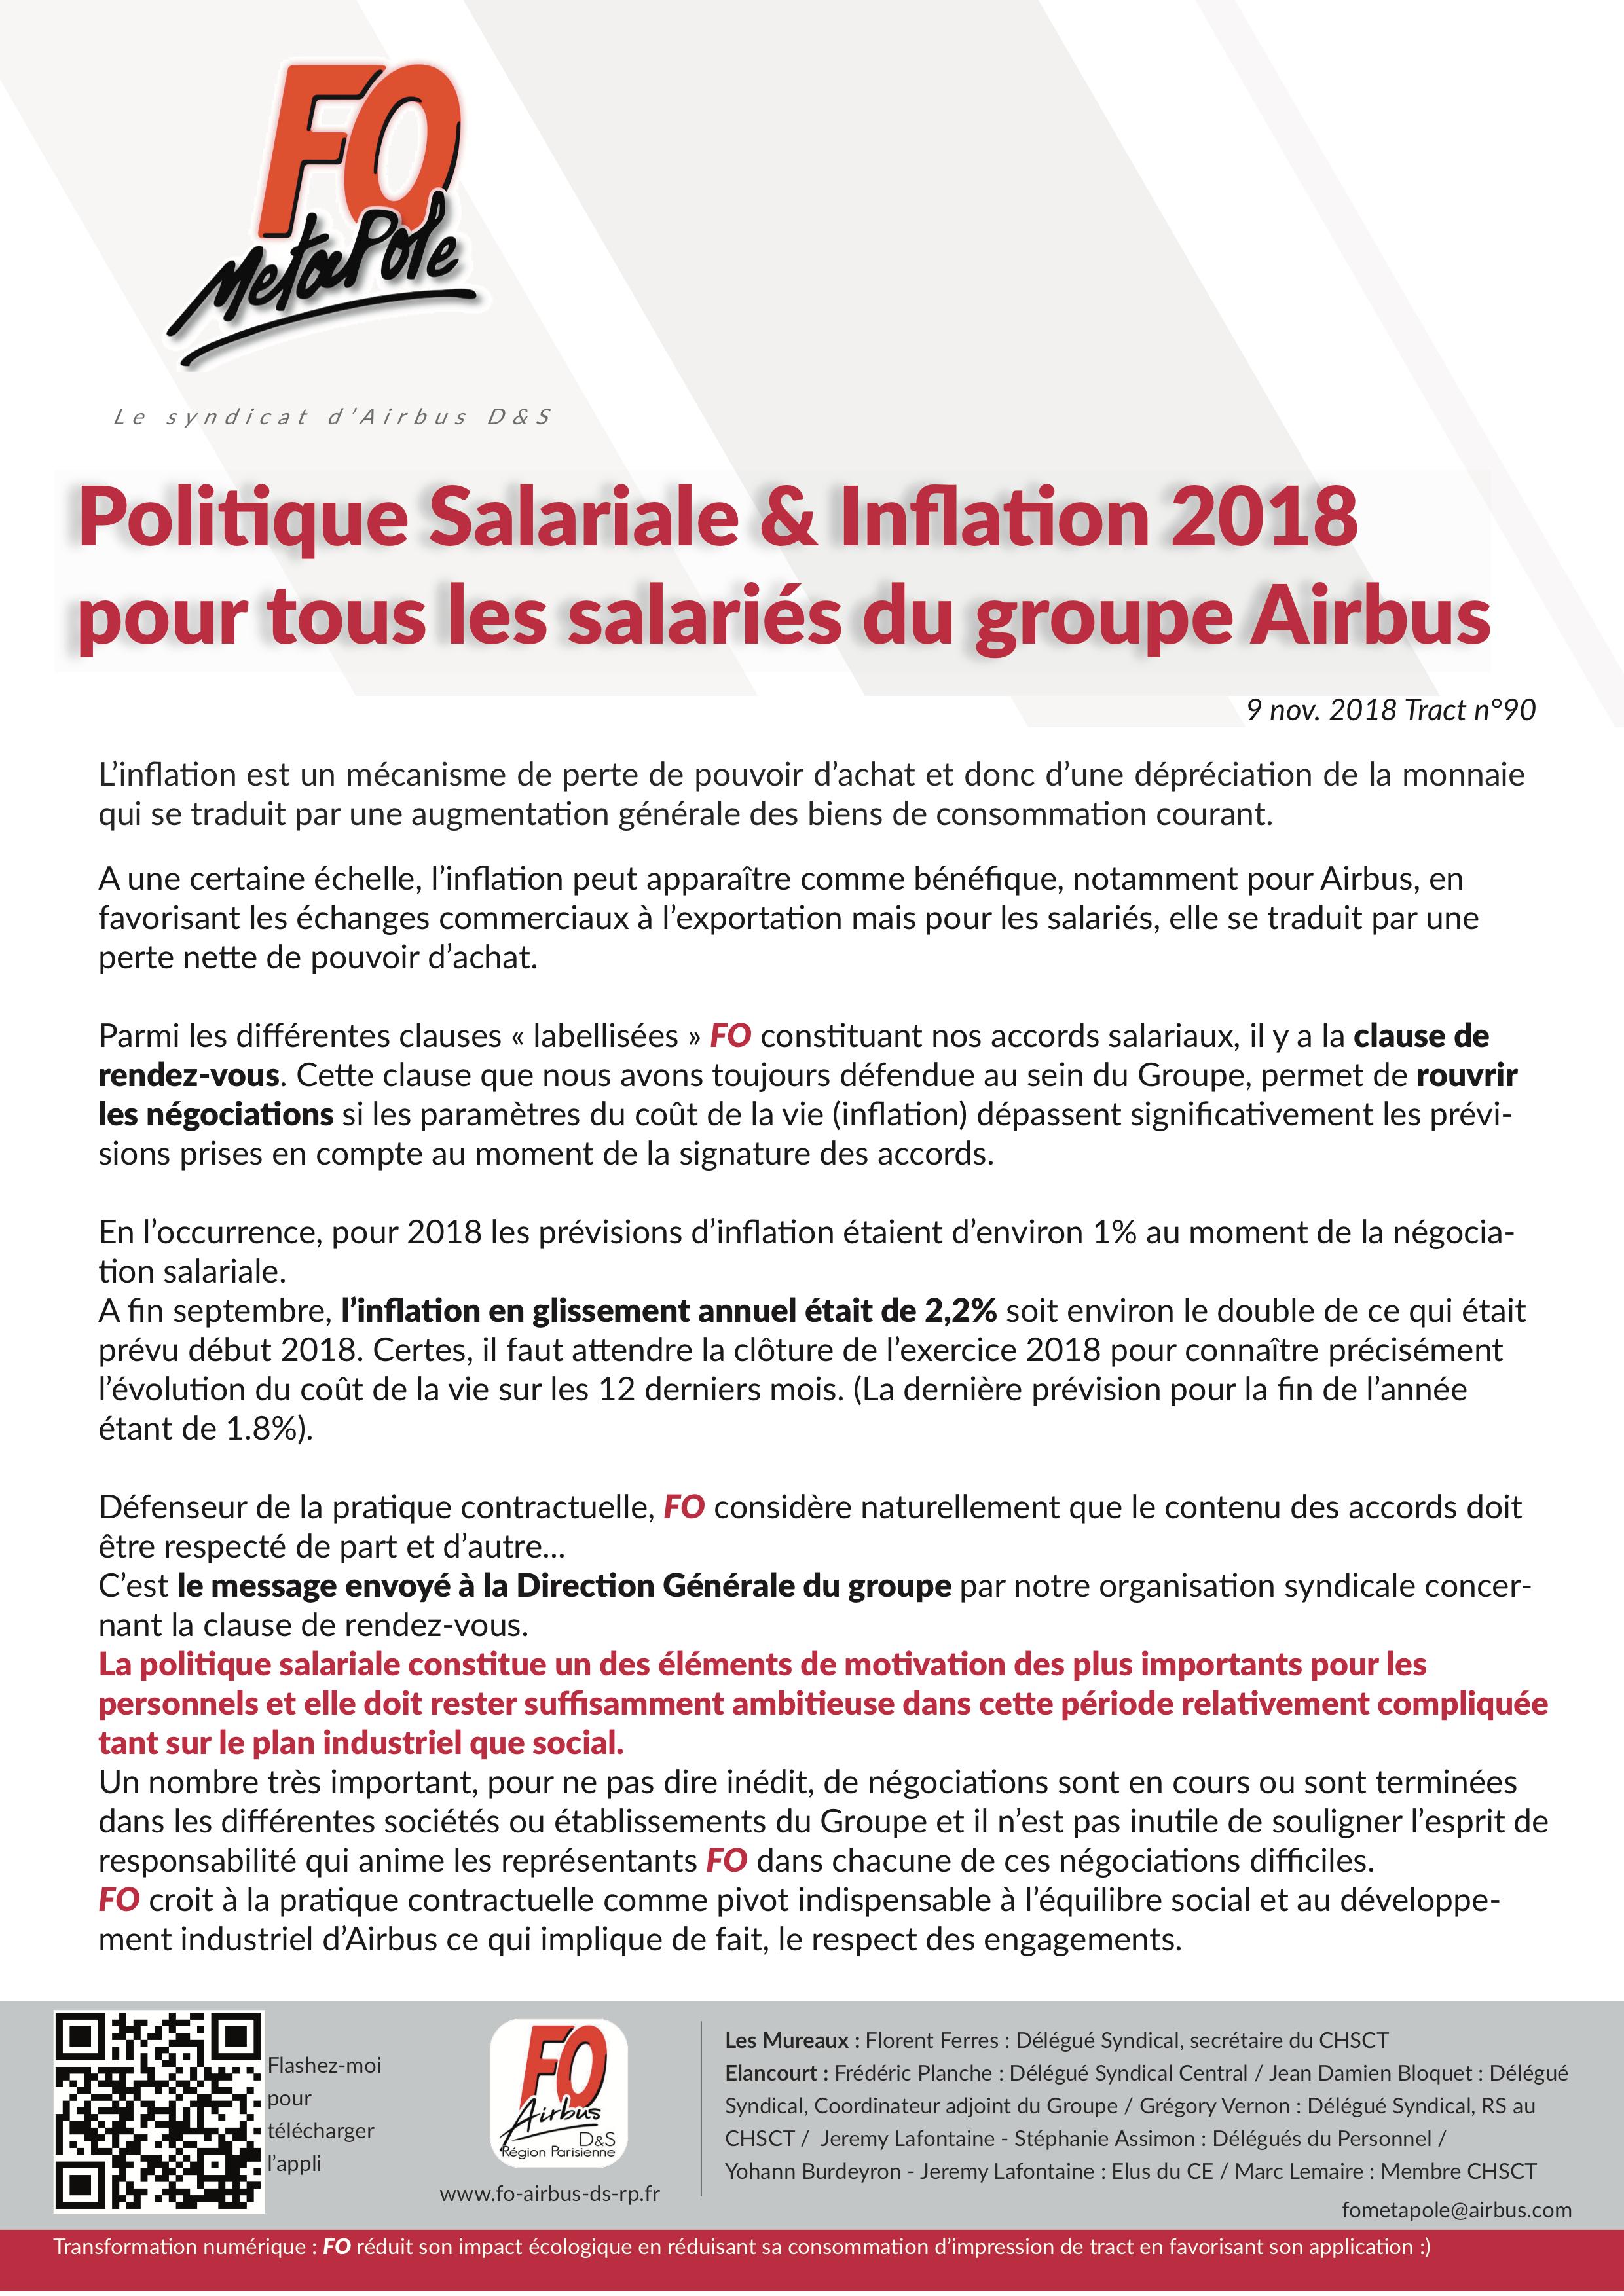 FO vous explique la clause de rendez-vous Airbus DS